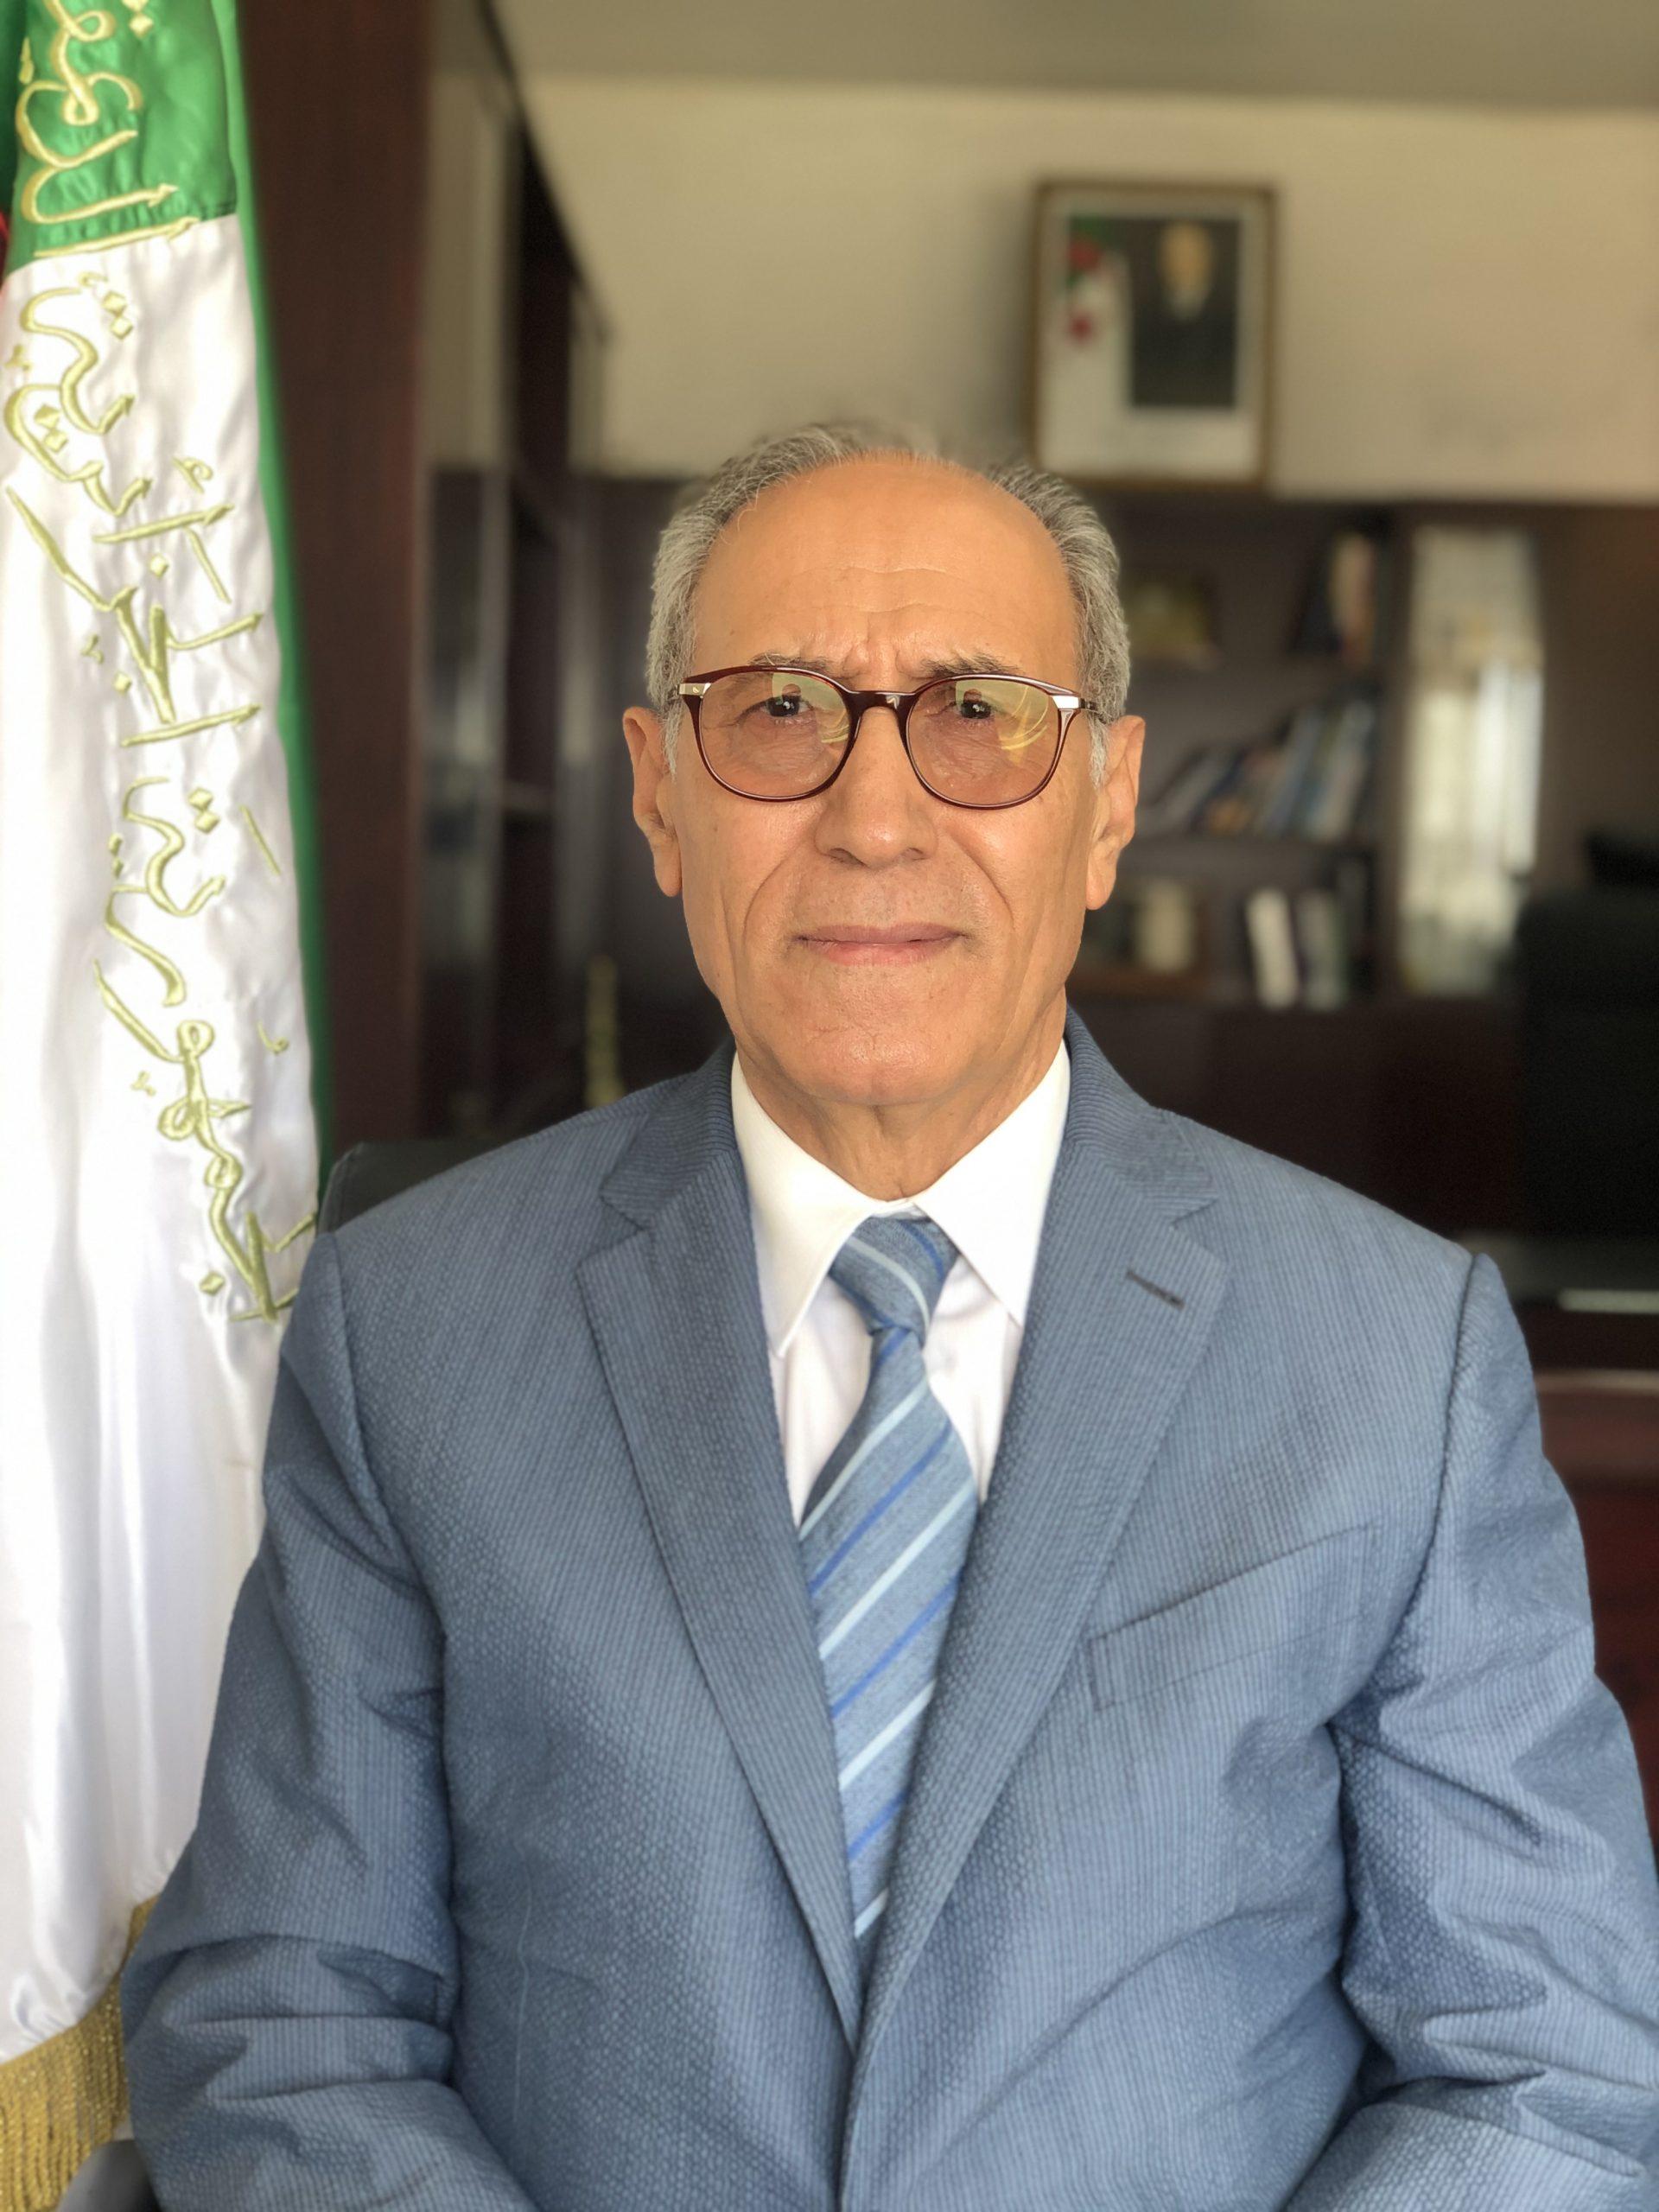 Le Président Tebboune met fin aux fonctions du ministre des Transports Lazhar Hani - Algérie